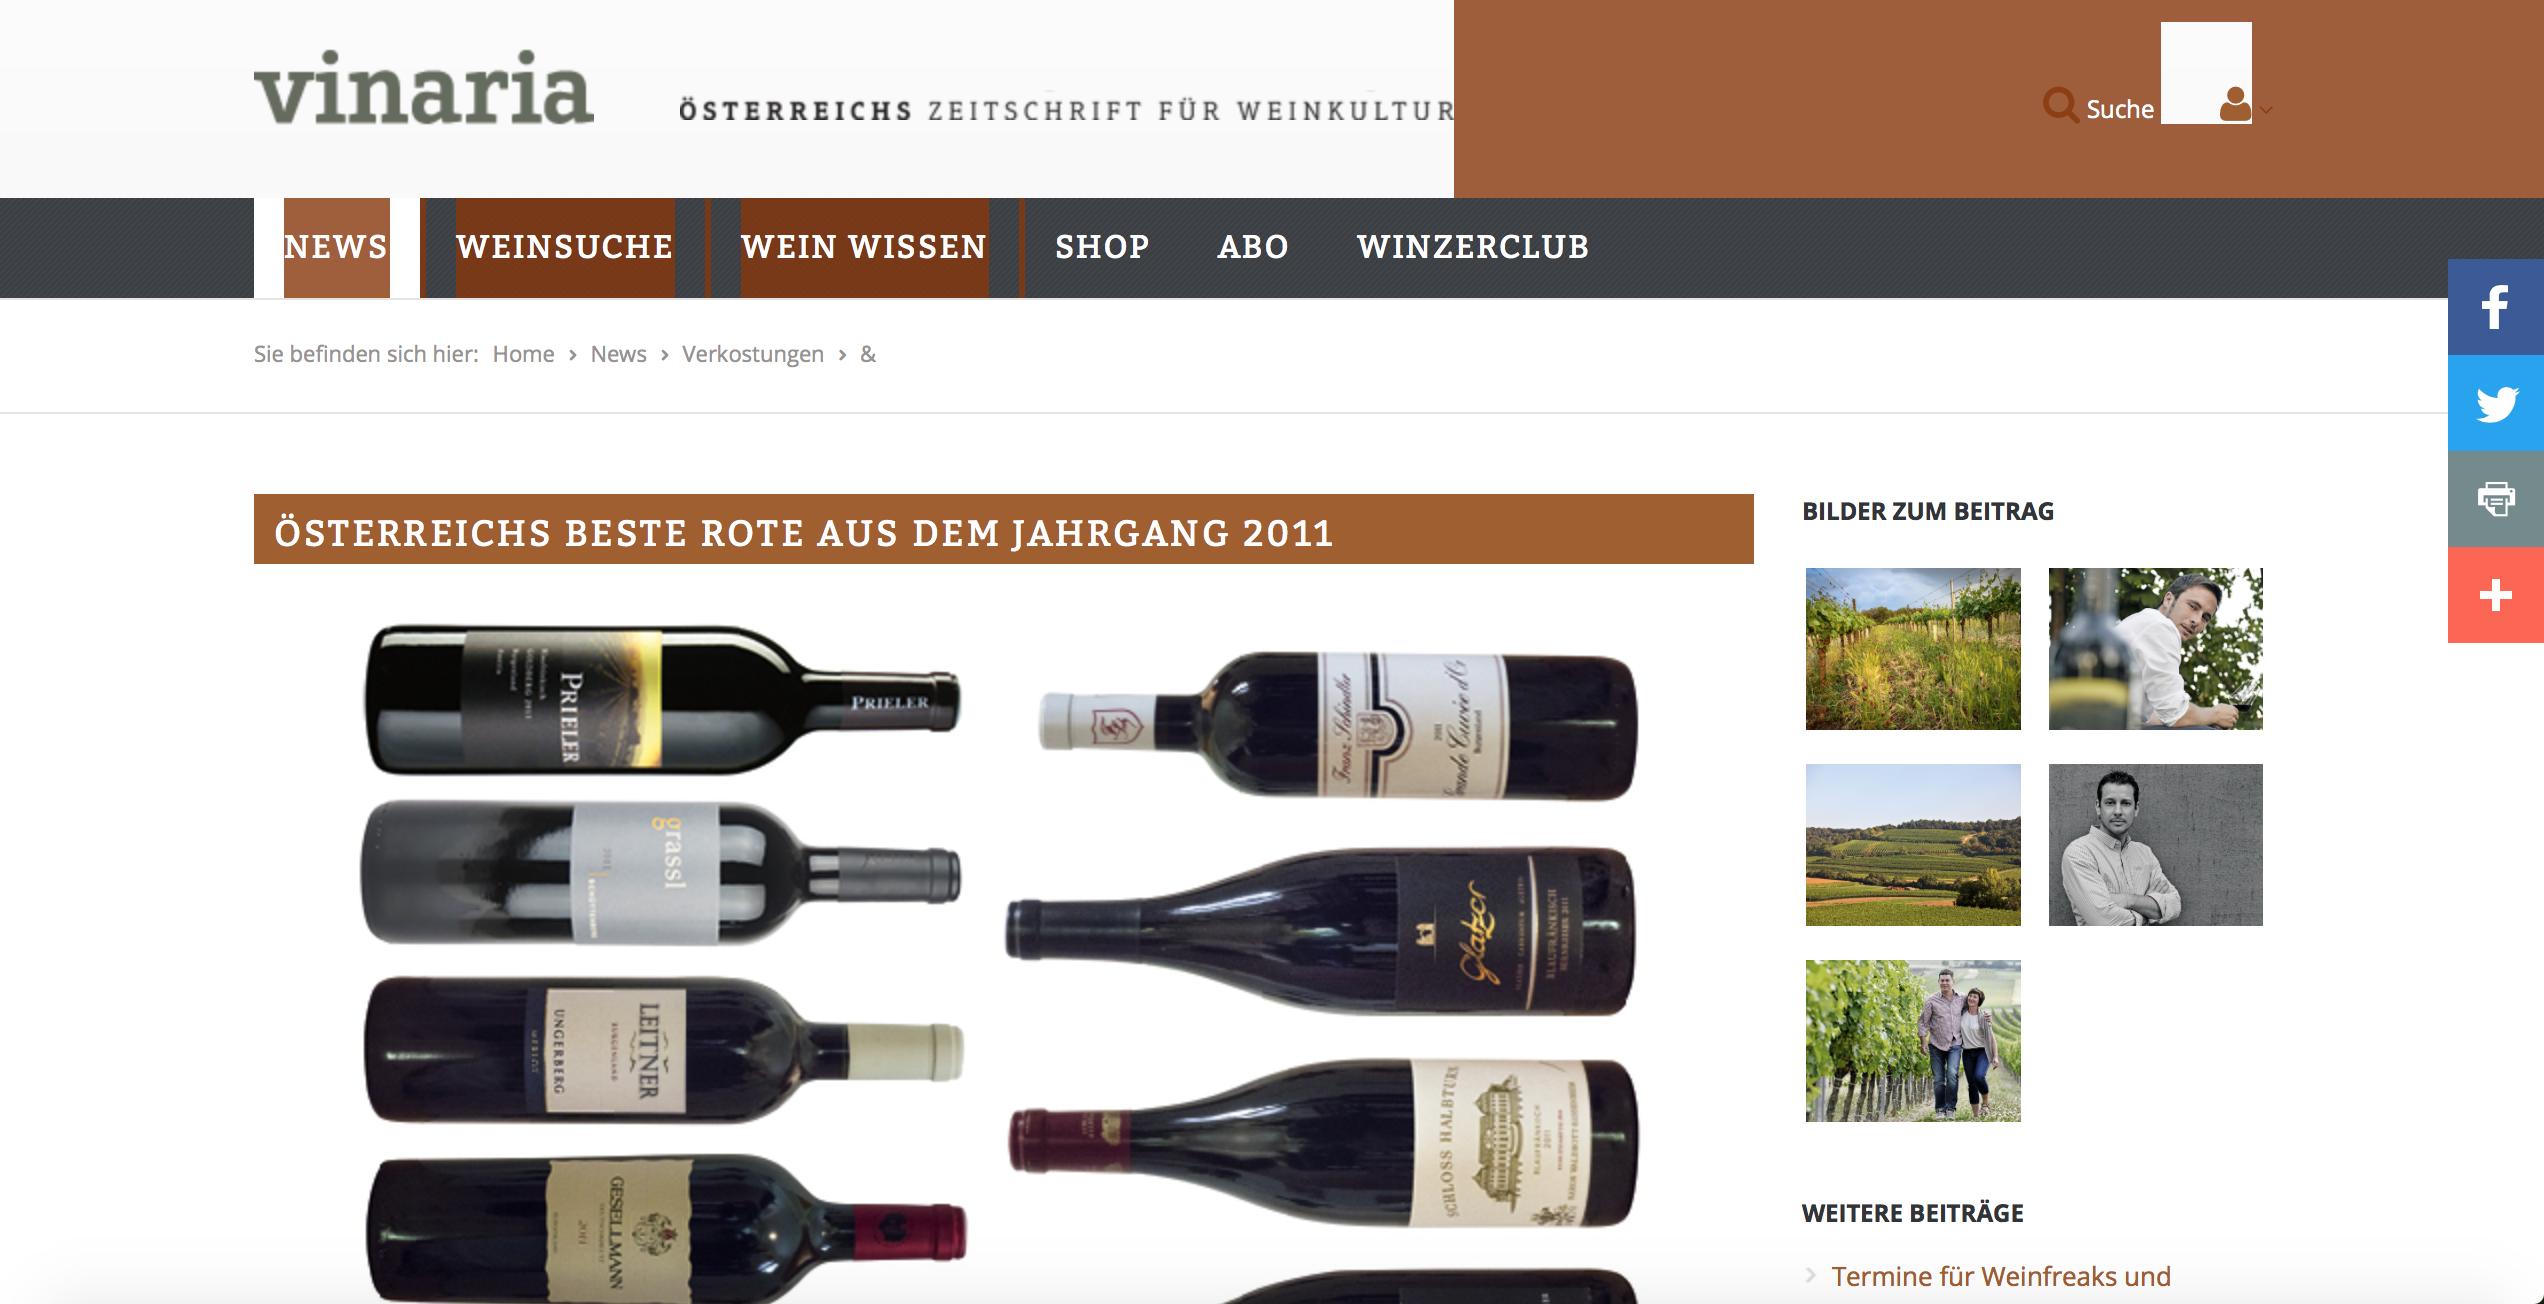 Österreichs beste Rote aus dem Jahrgang 2011